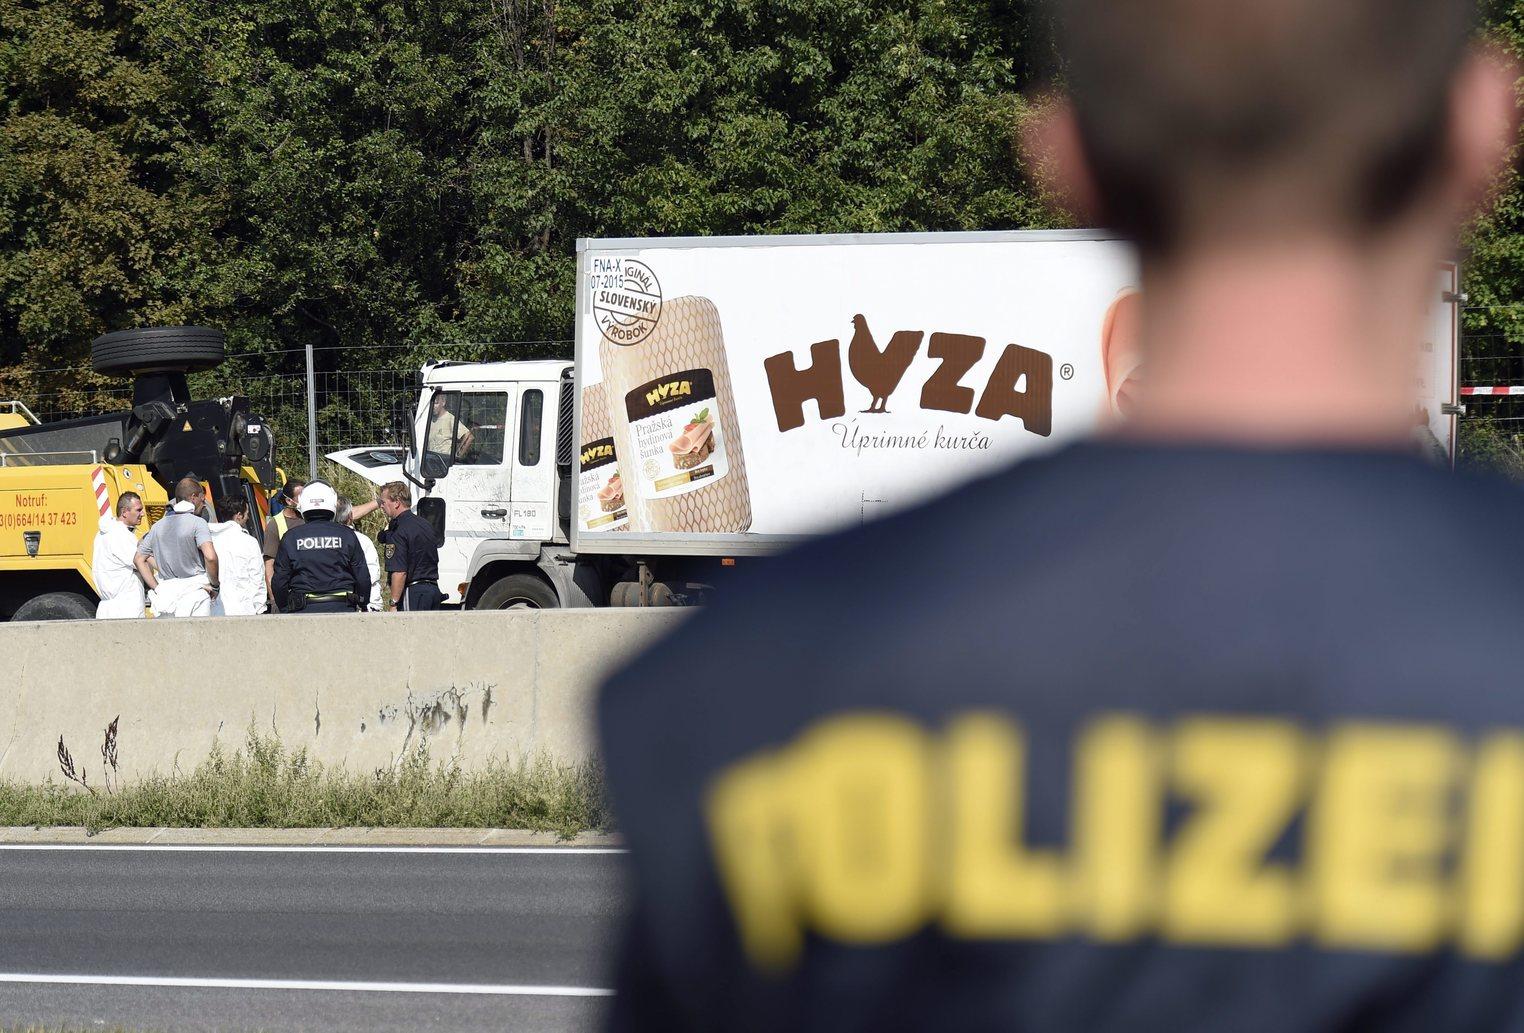 Védőruhába öltözött helyszínelők vizsgálnak egy teherautót az A4-es autópályán Pandorf közelében 2015. augusztus 27-én. A járműben hetvenegy menekült holttestére bukkantak a hatóságok. (MTI/EPA/Herbert P. Oczeret)